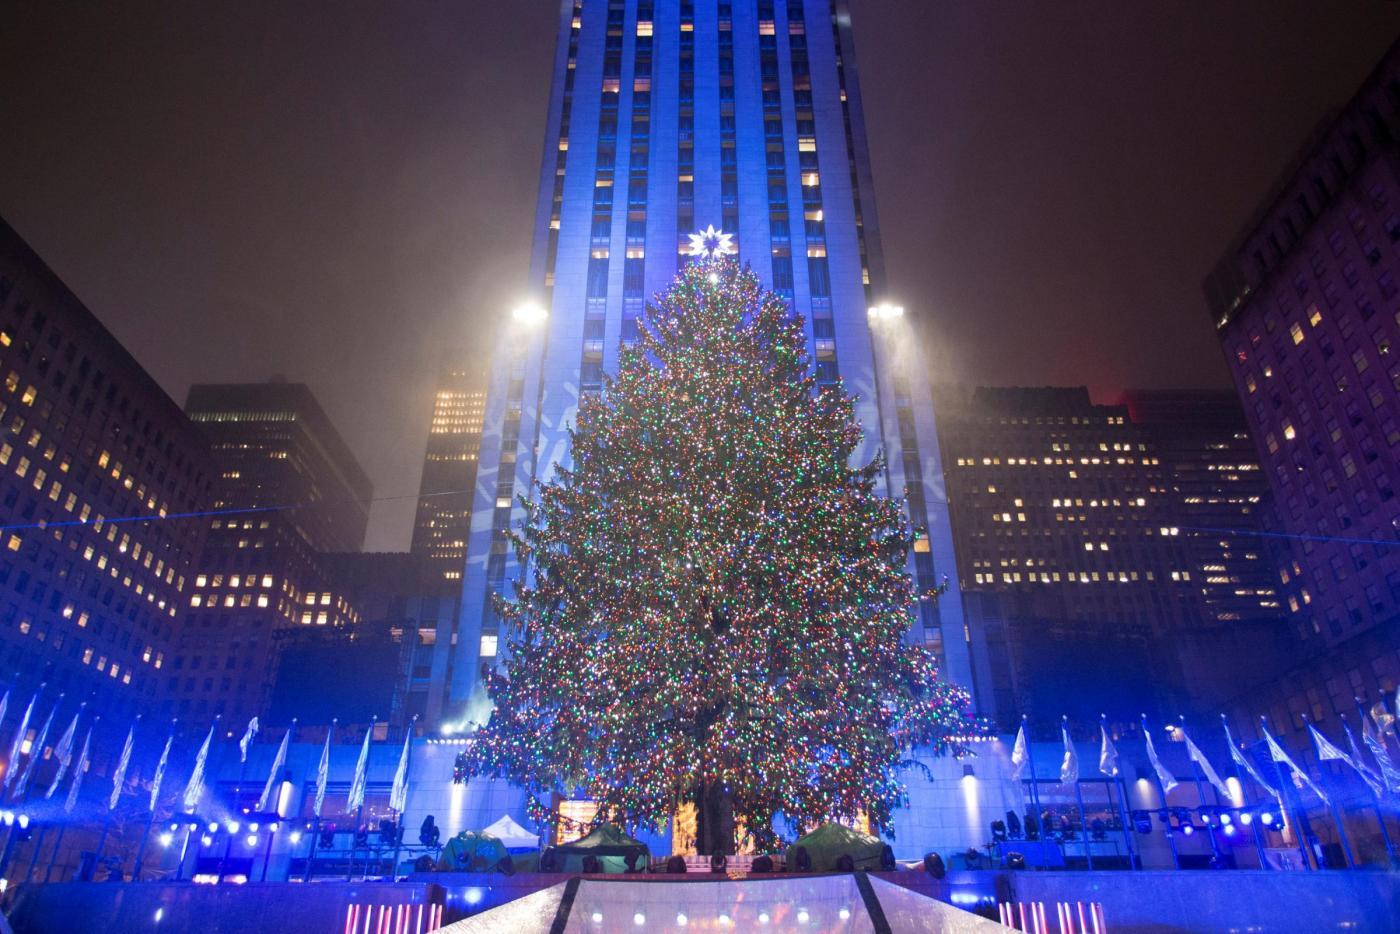 Albero Di Natale New York.New York L Accensione Dell Albero Di Natale A Times Square Gallery